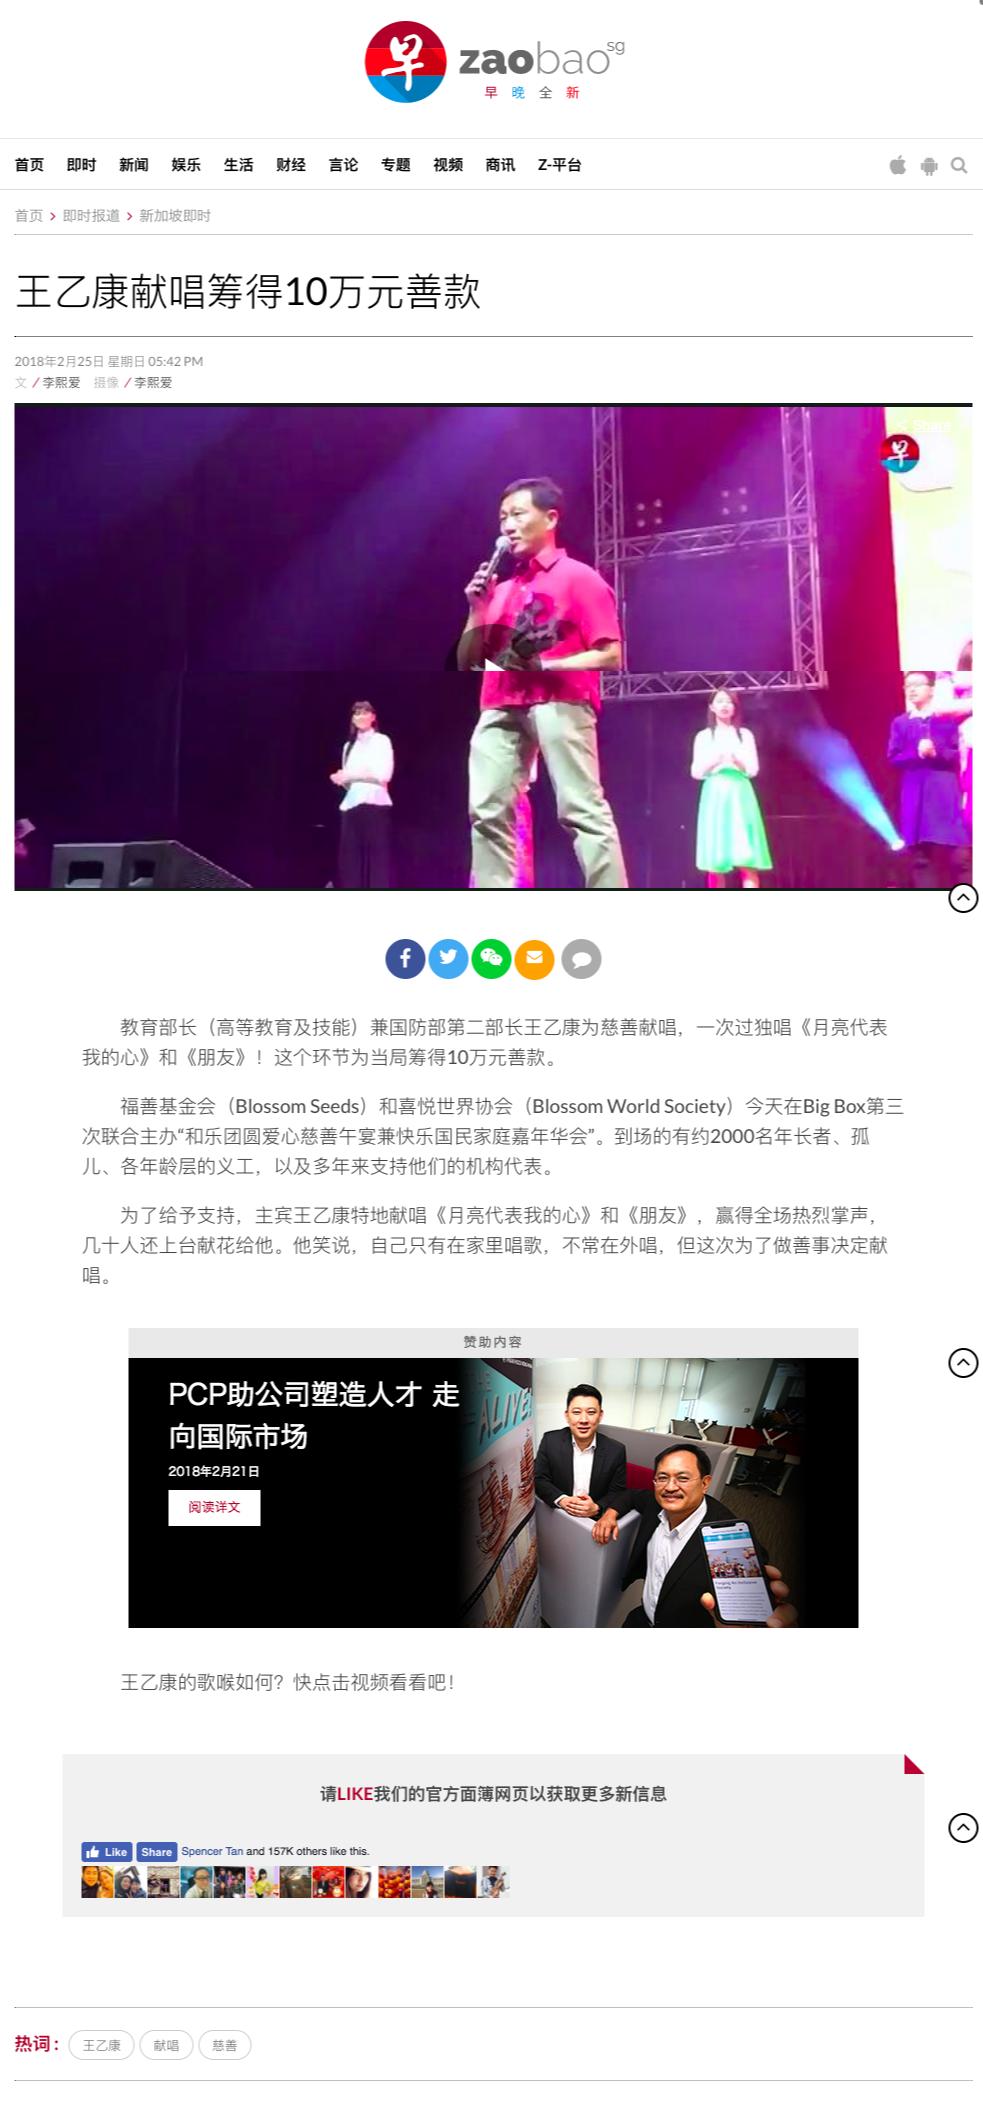 福善王乙康献唱筹得10万元善款 _ 联合早报 (1).png